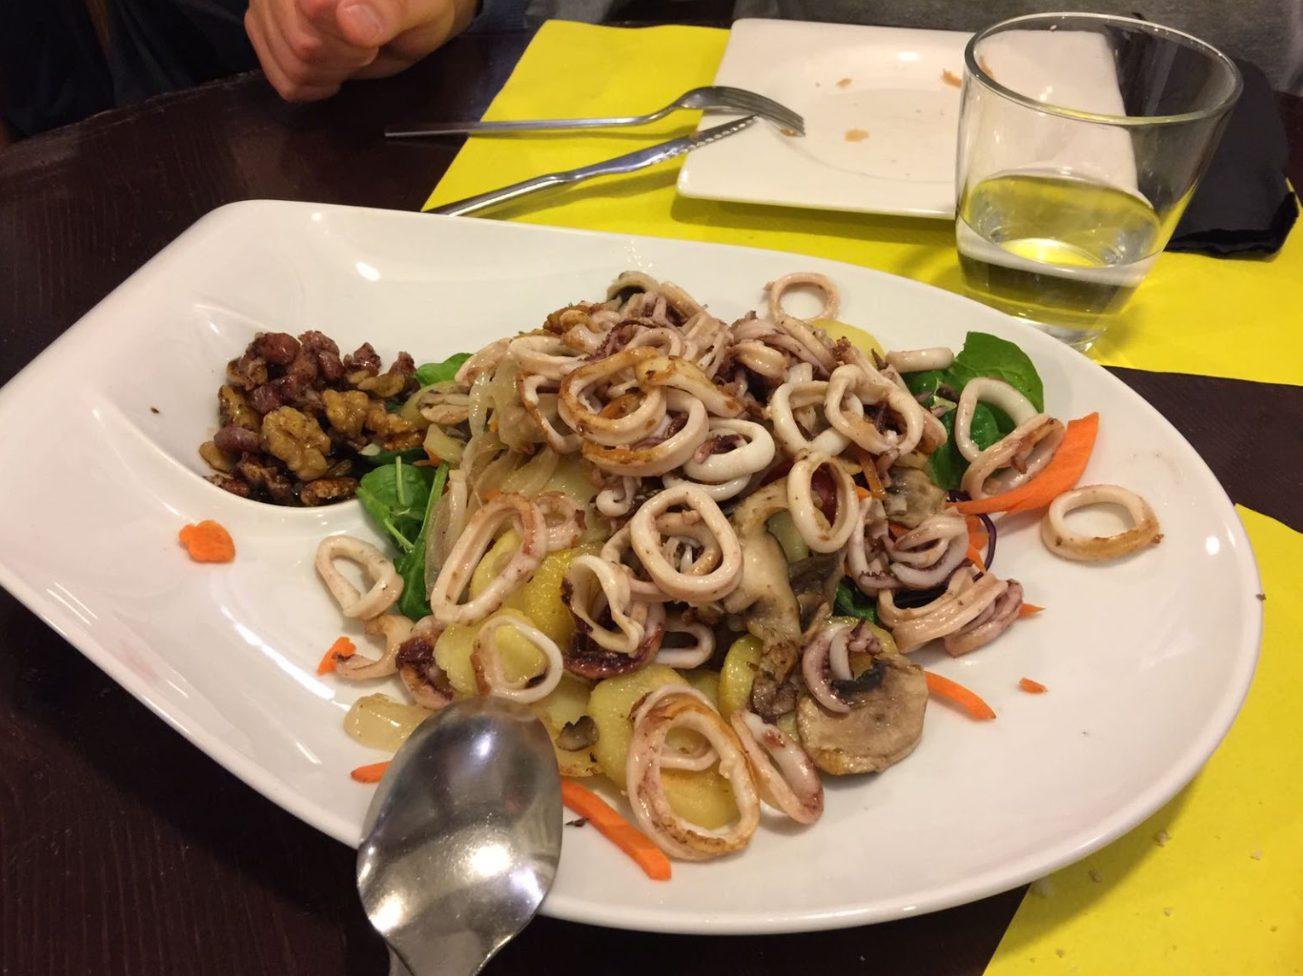 Ensalada templada de calamares y setas - Cerveceria Morito